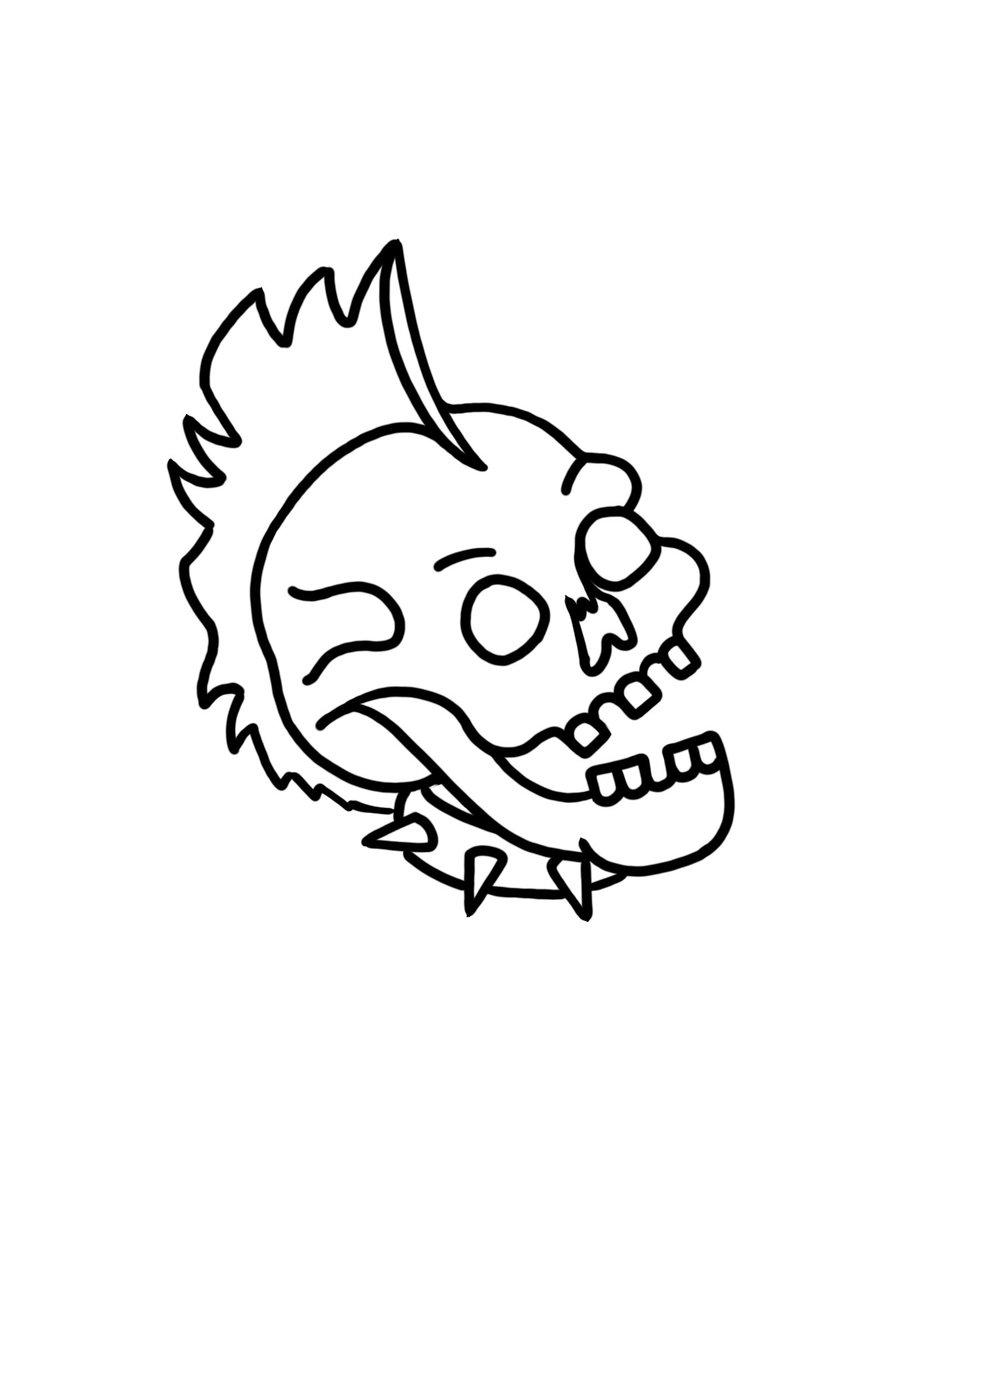 skullPunk.jpg